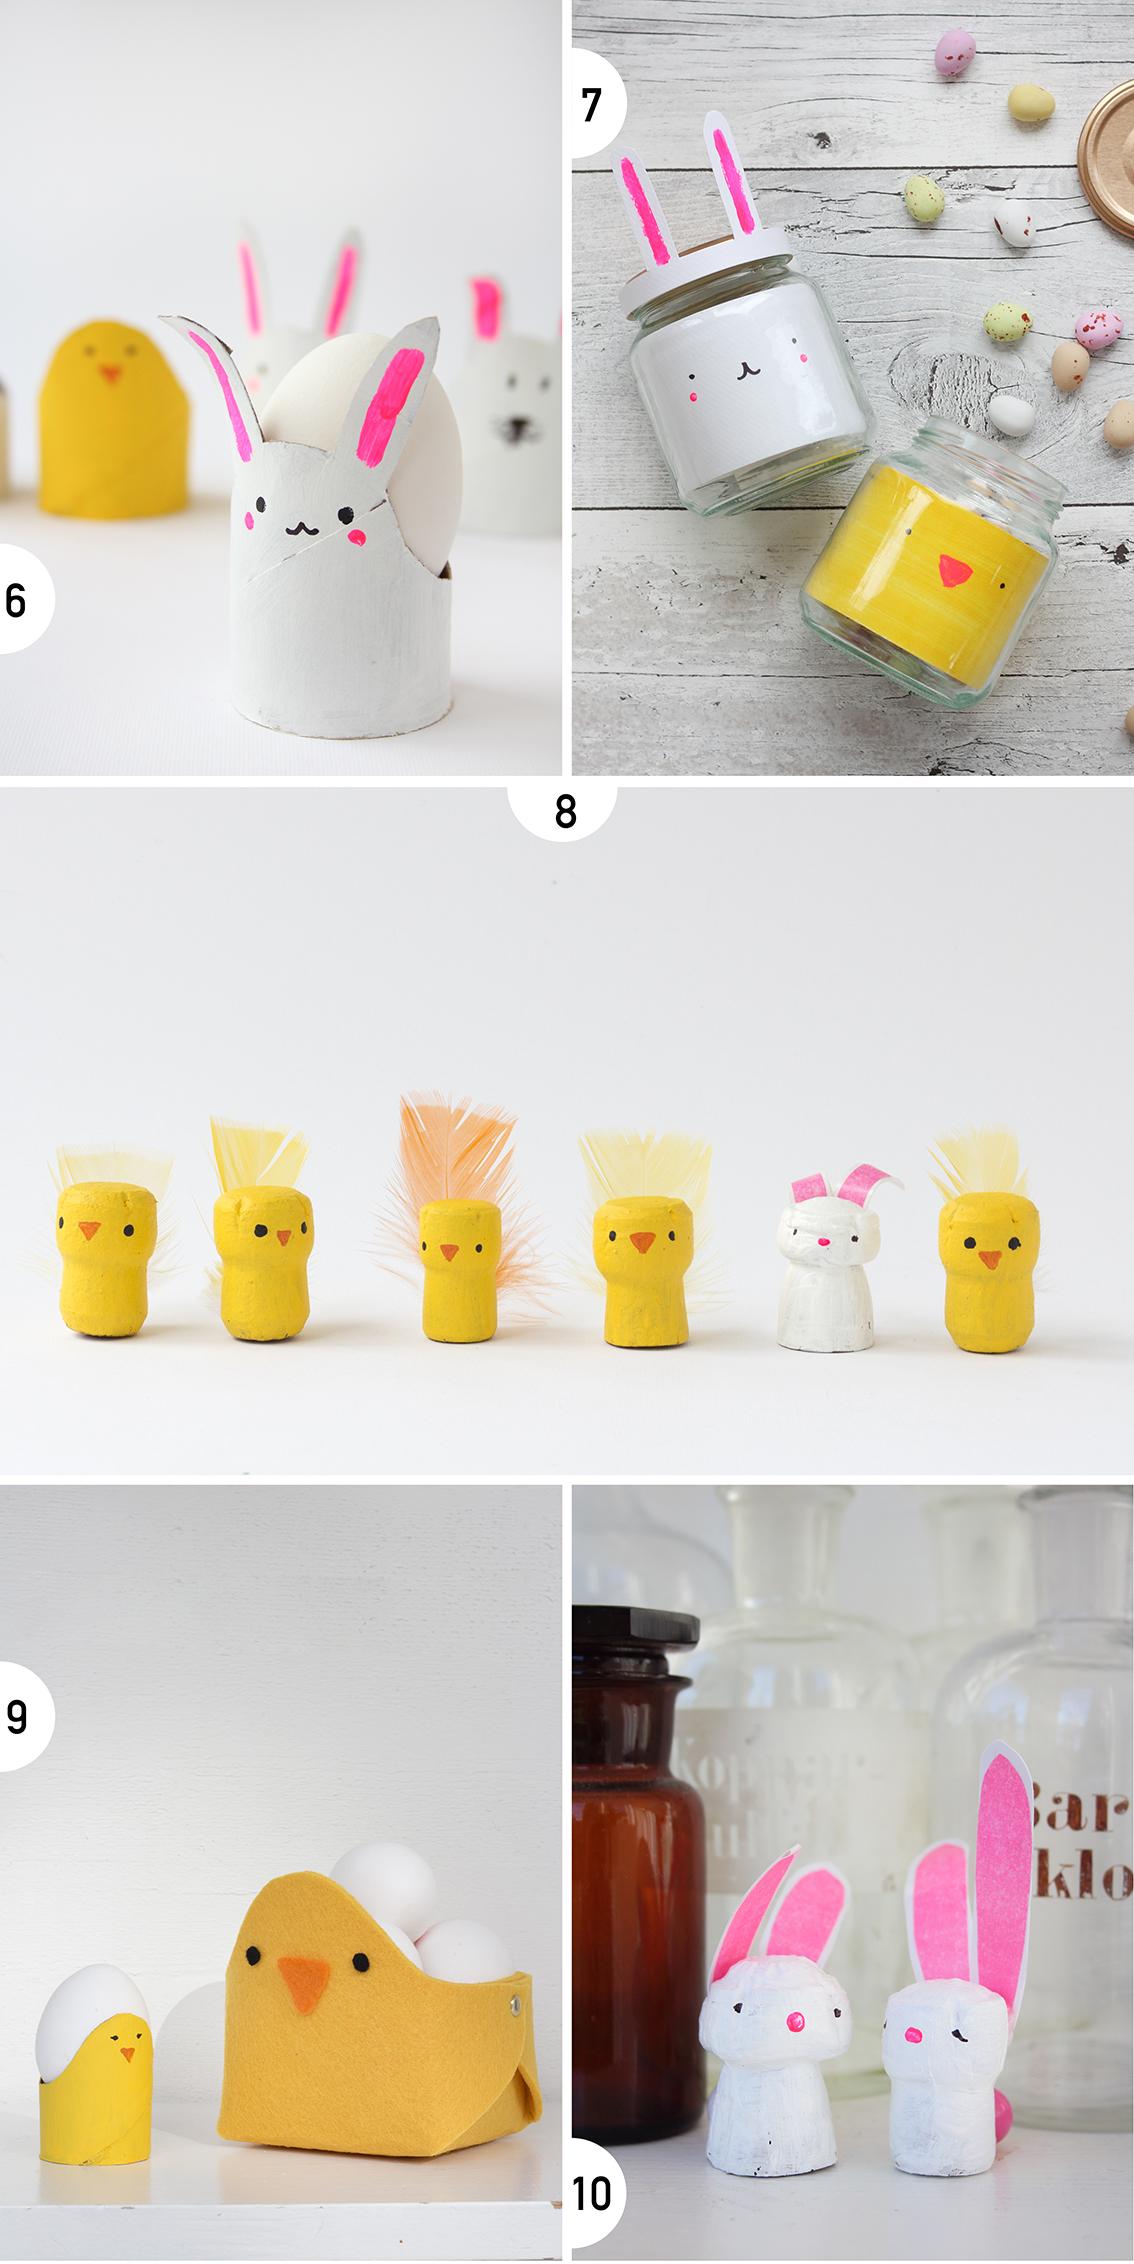 10 påskpyssel | Pysselbolaget